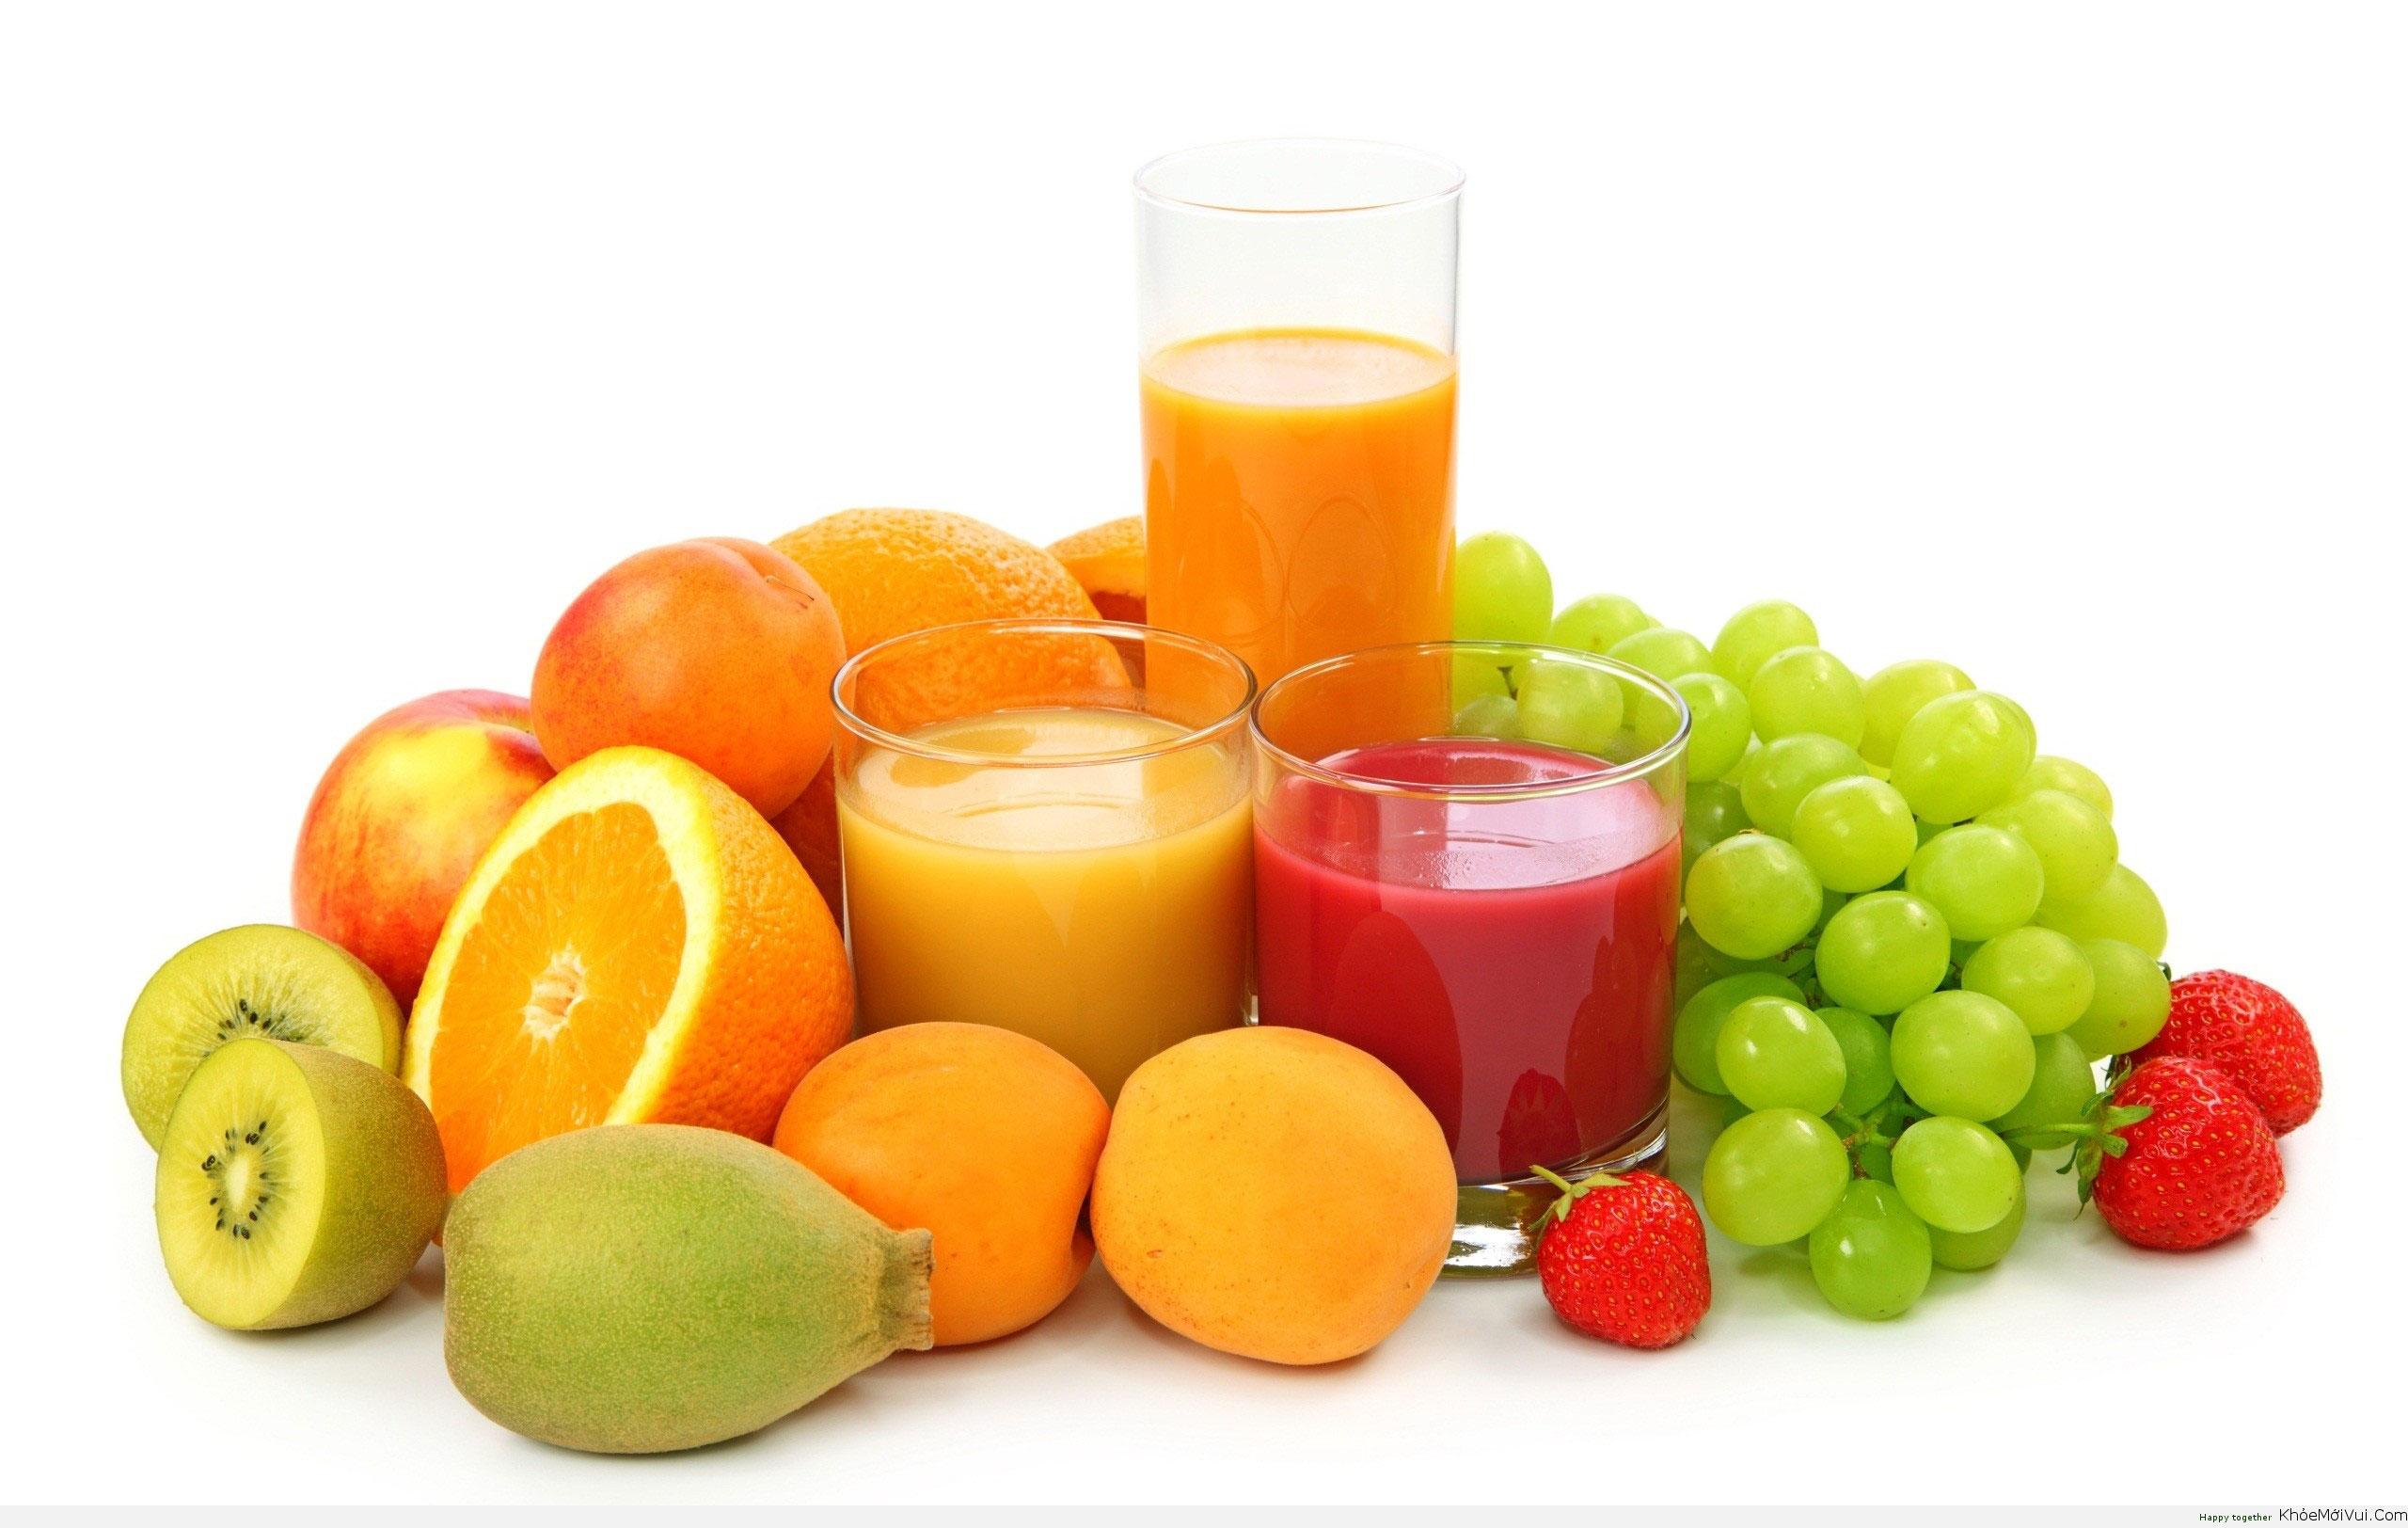 trái cây có thể ăn thoải mái mà không sợ tăng cân còn đẹp da